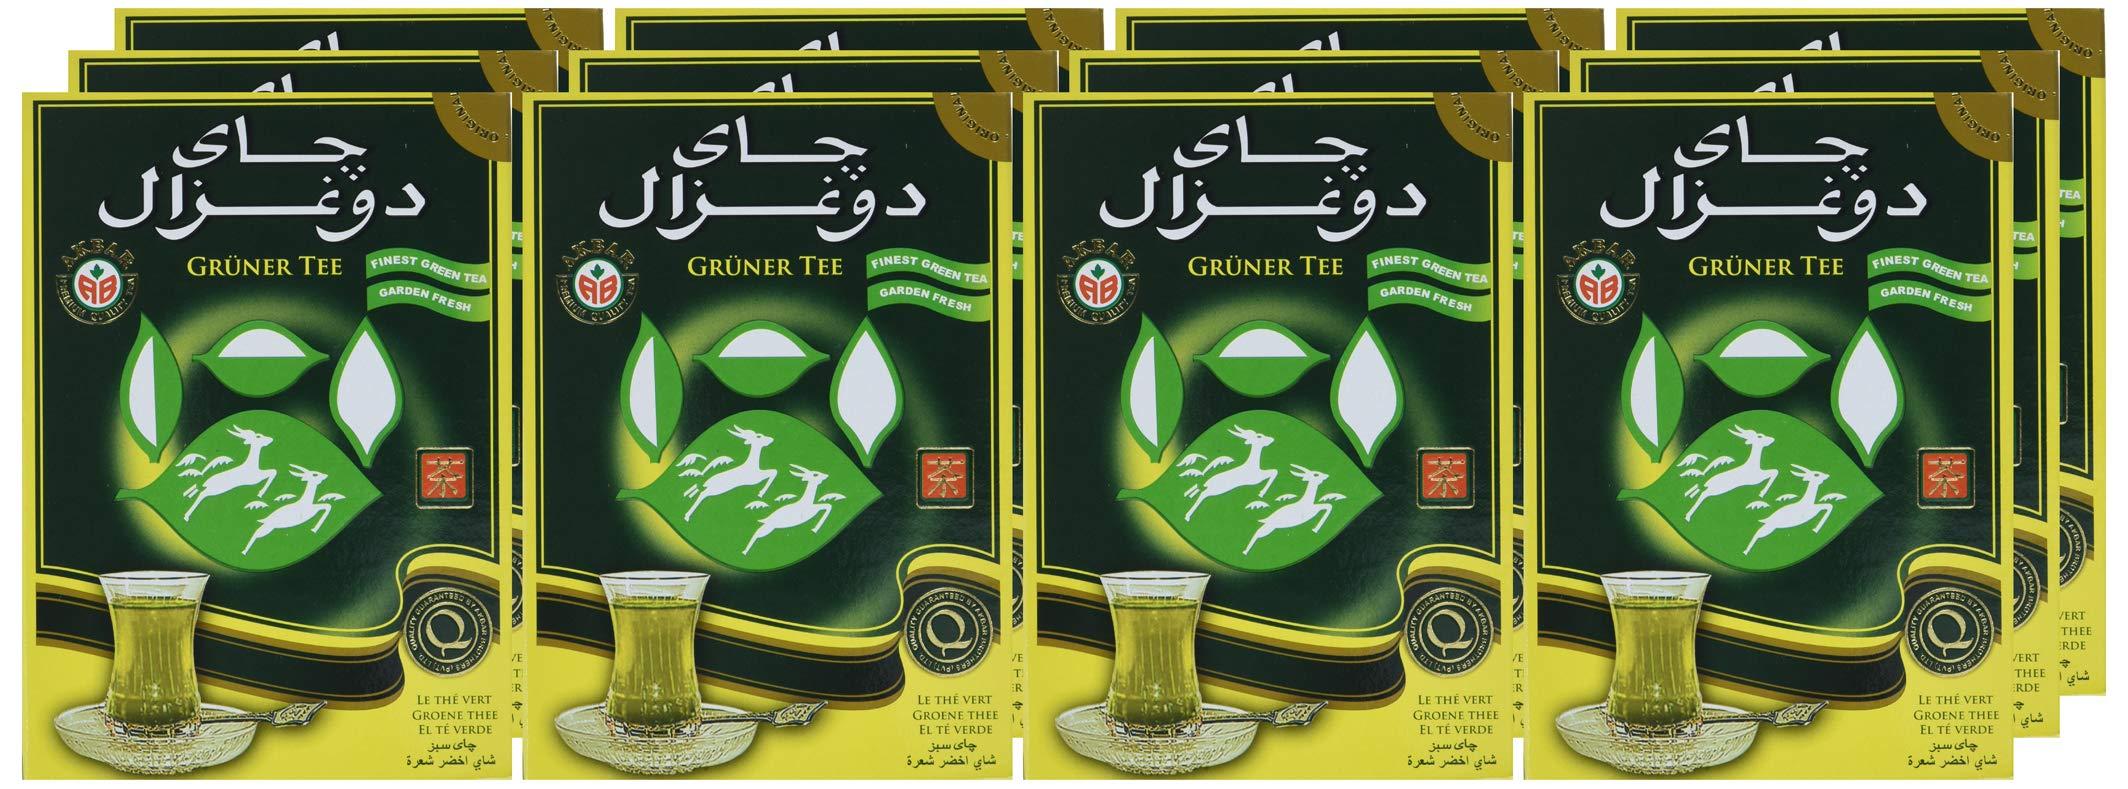 Do-Ghazal-Grner-Tee-12er-Pack-12-x-500-g